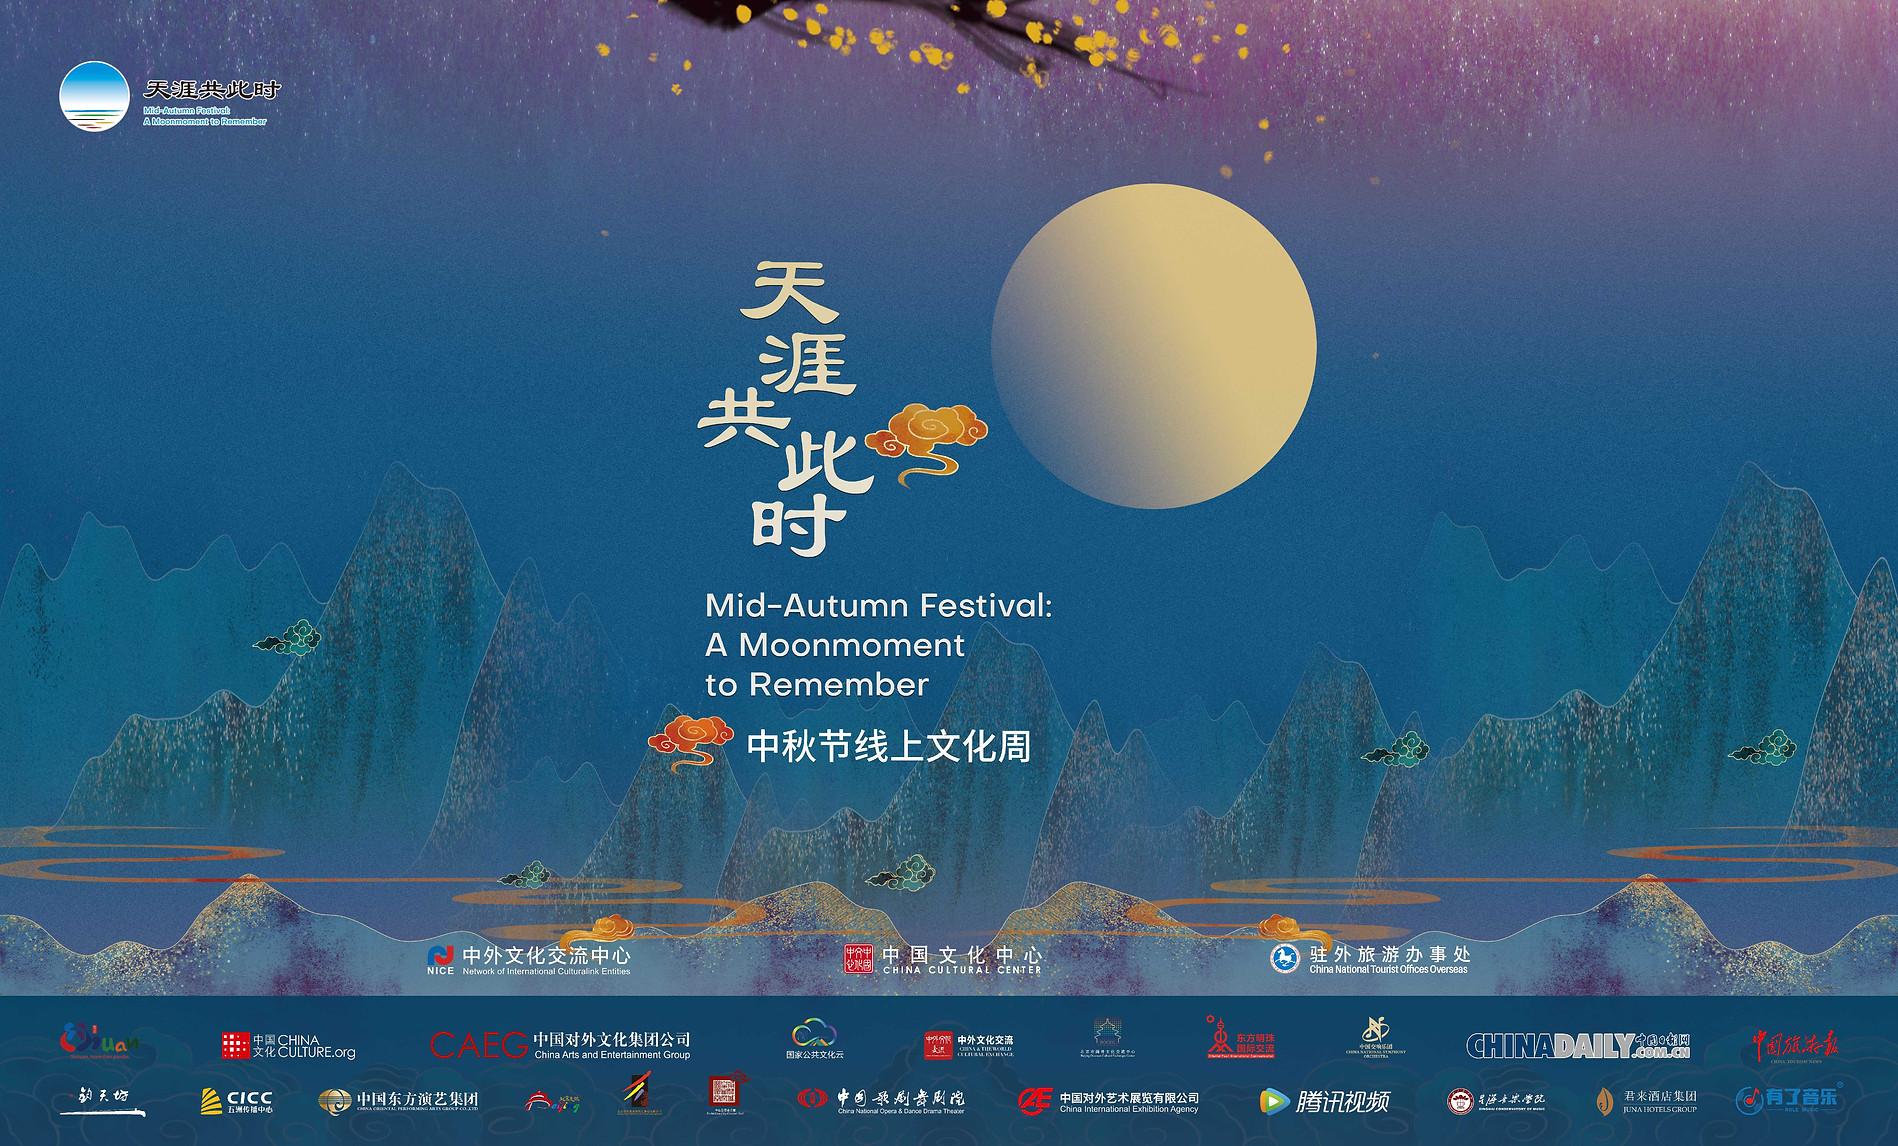 FestivalMedioOtono2020.jpg